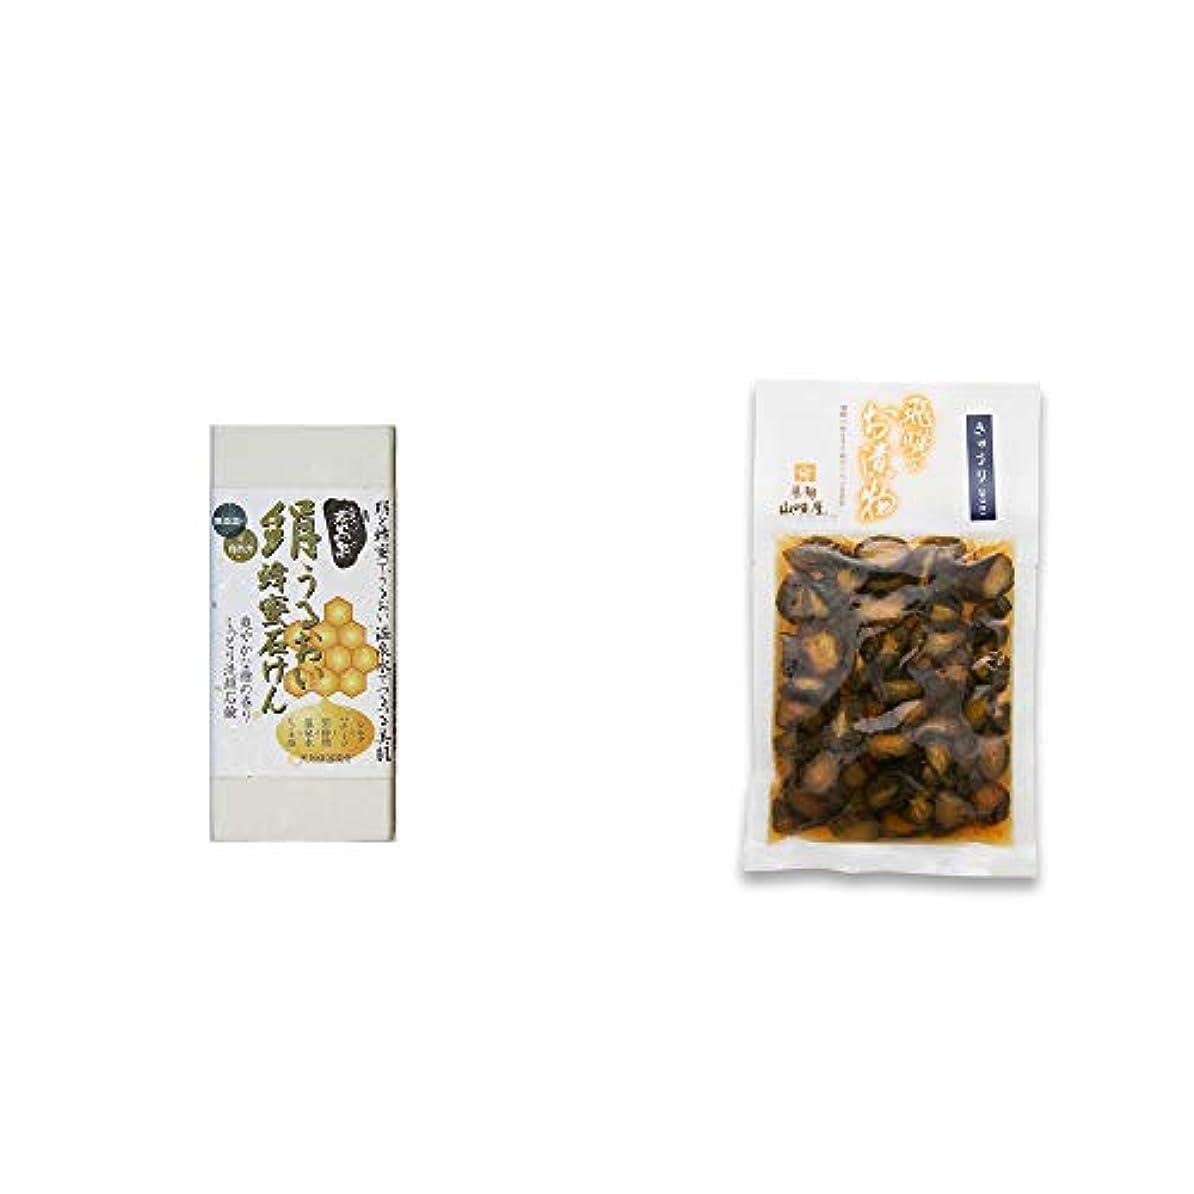 エクステント上流の消化[2点セット] ひのき炭黒泉 絹うるおい蜂蜜石けん(75g×2)?飛騨山味屋 きゅうり醤油漬(150g)